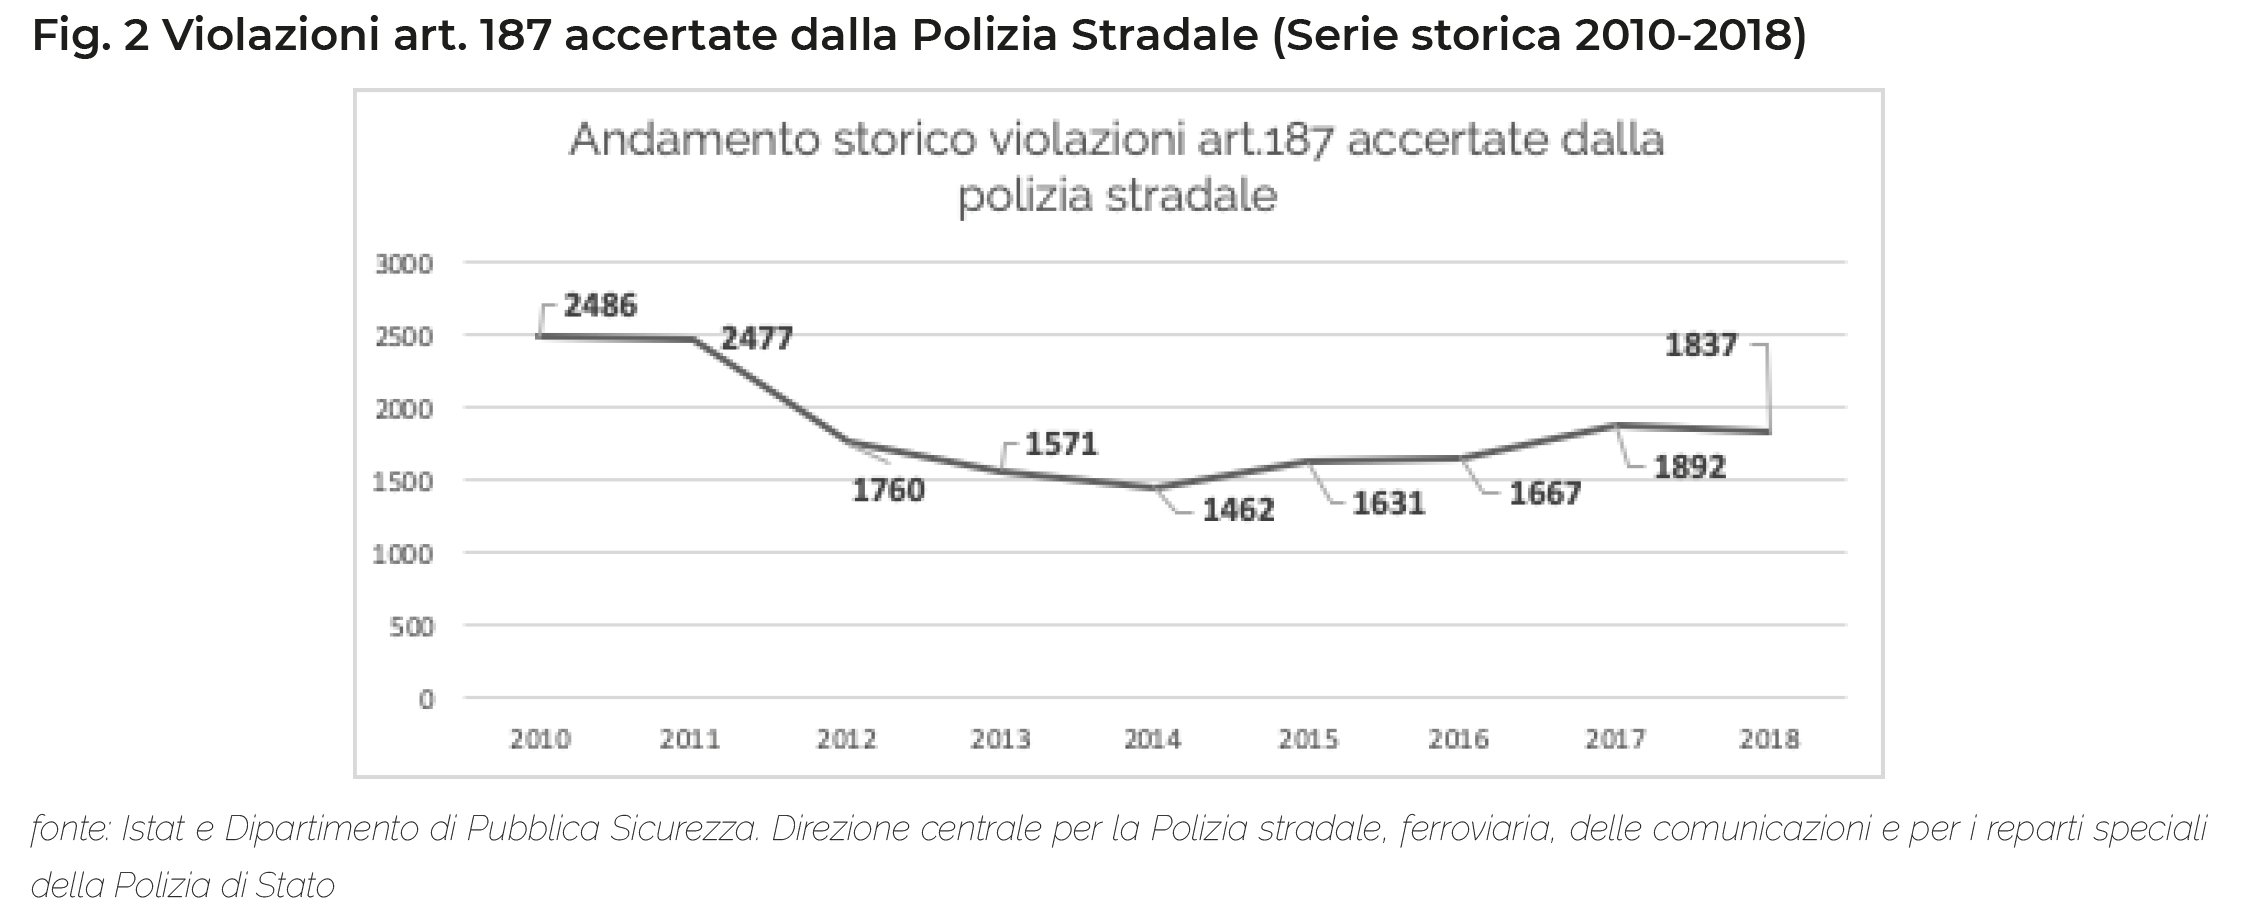 Fig. 2 Violazioni art. 187 accertate dalla Polizia Stradale (Serie storica 2010-2018)